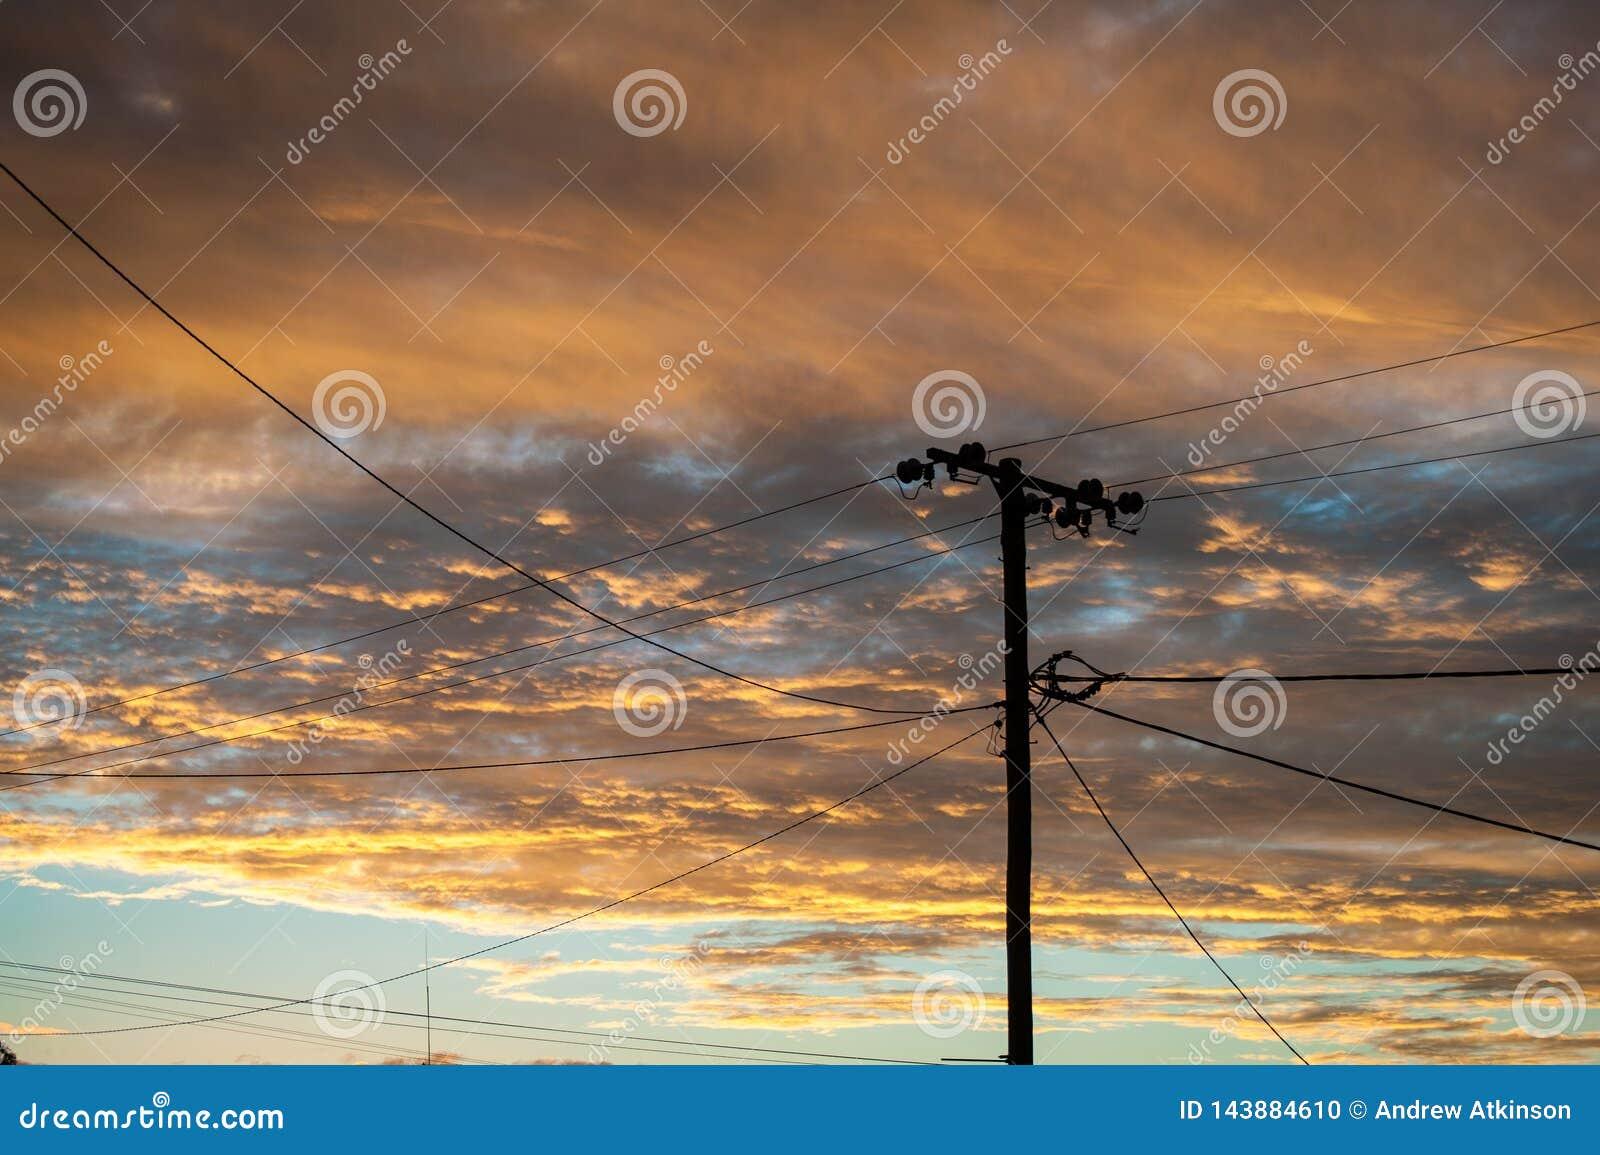 输电线的剪影在闪电里奇后面的由日落点燃了